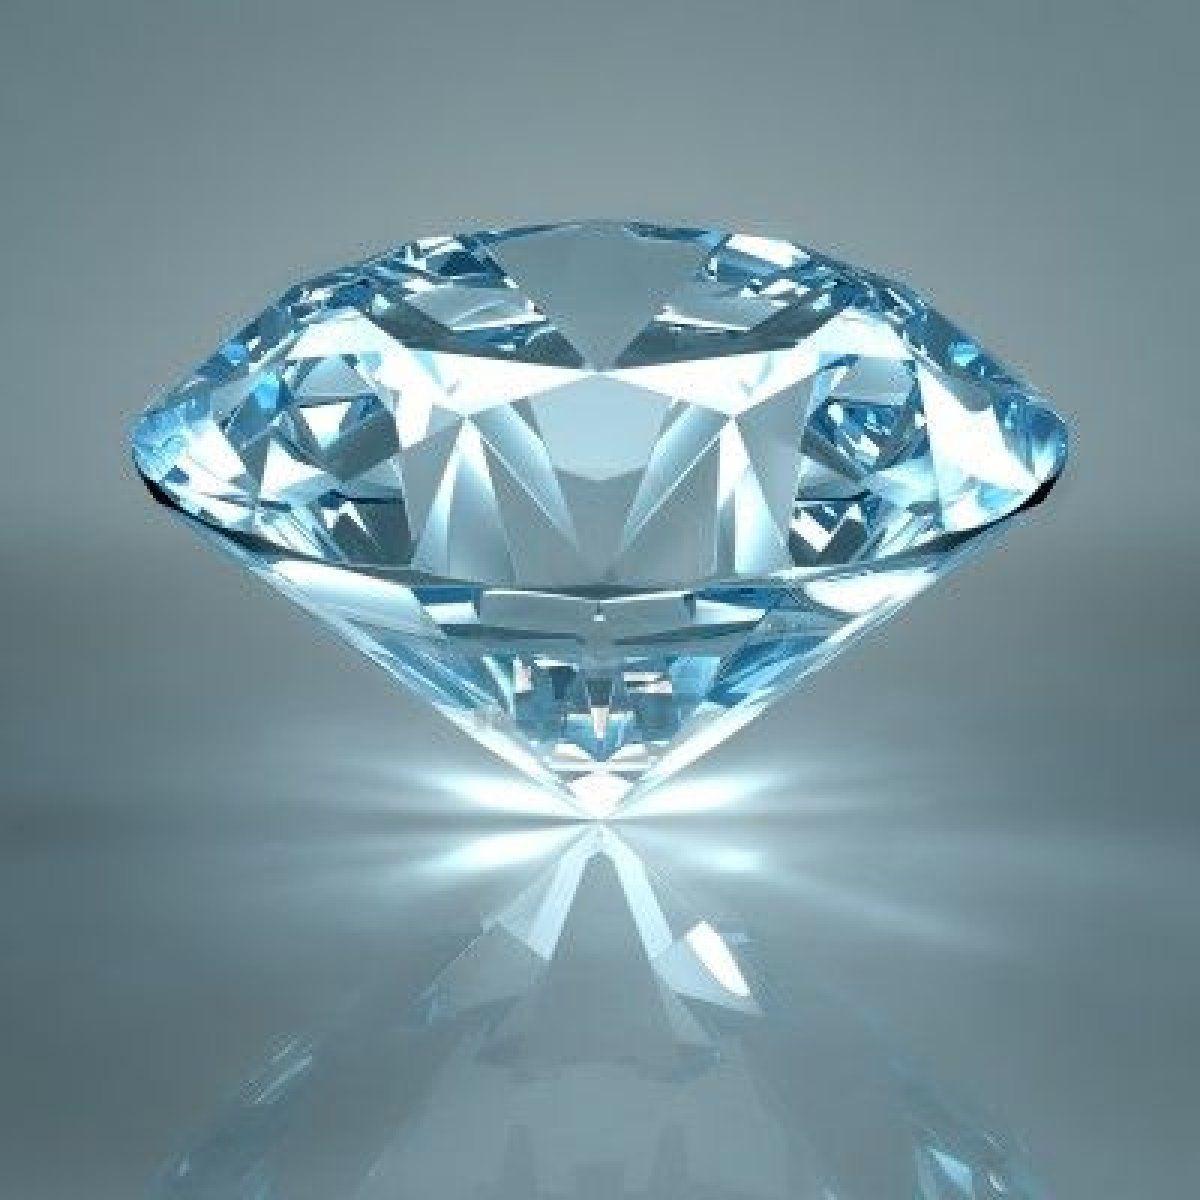 полный поздравление с днем рождения про бриллианты стране